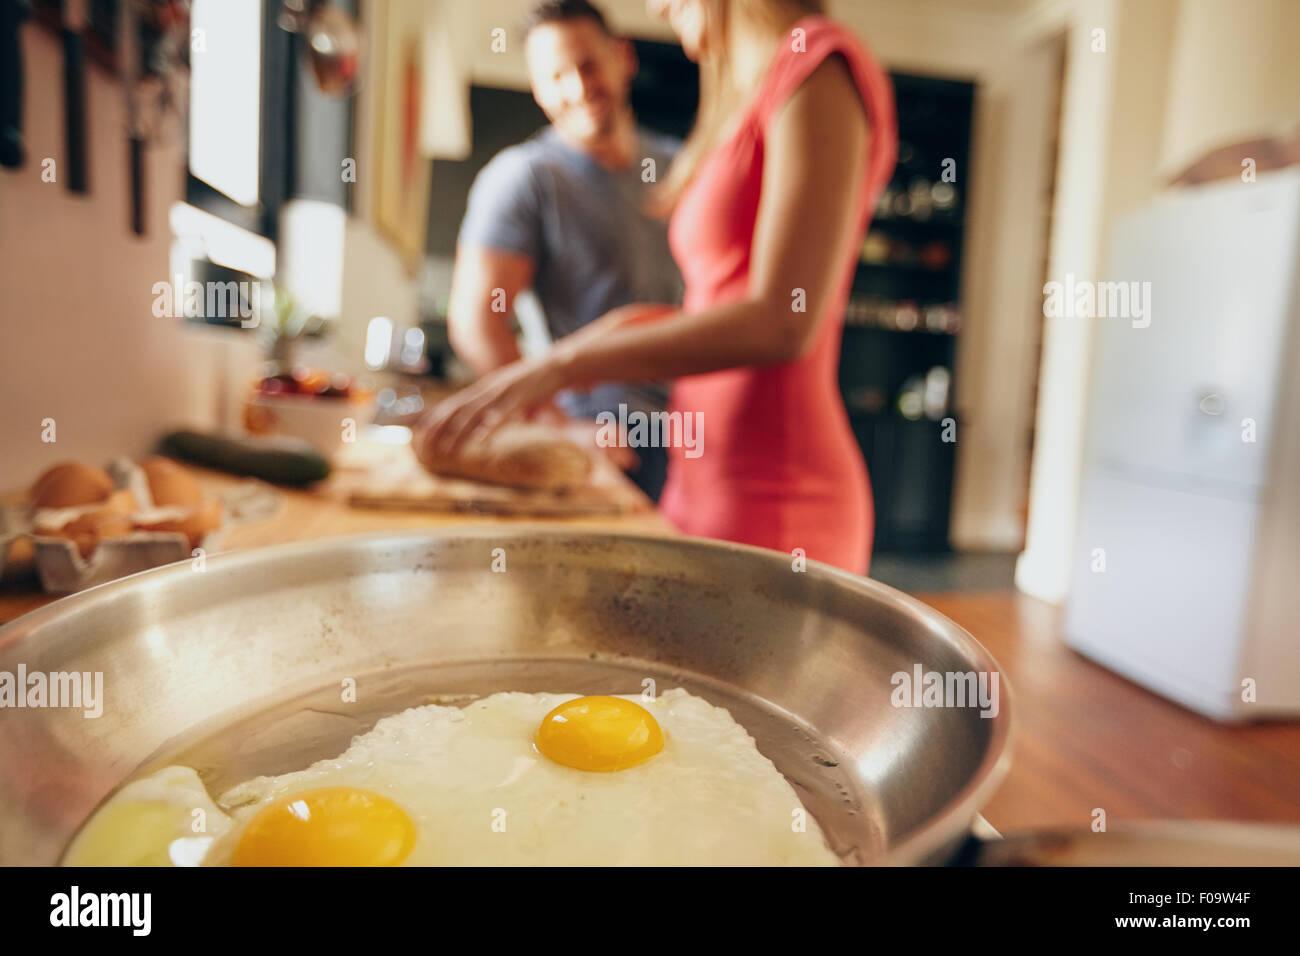 Spiegeleier in einer Pfanne mit paar stehen im Hintergrund sind unscharf in der heimischen Küche Stockbild